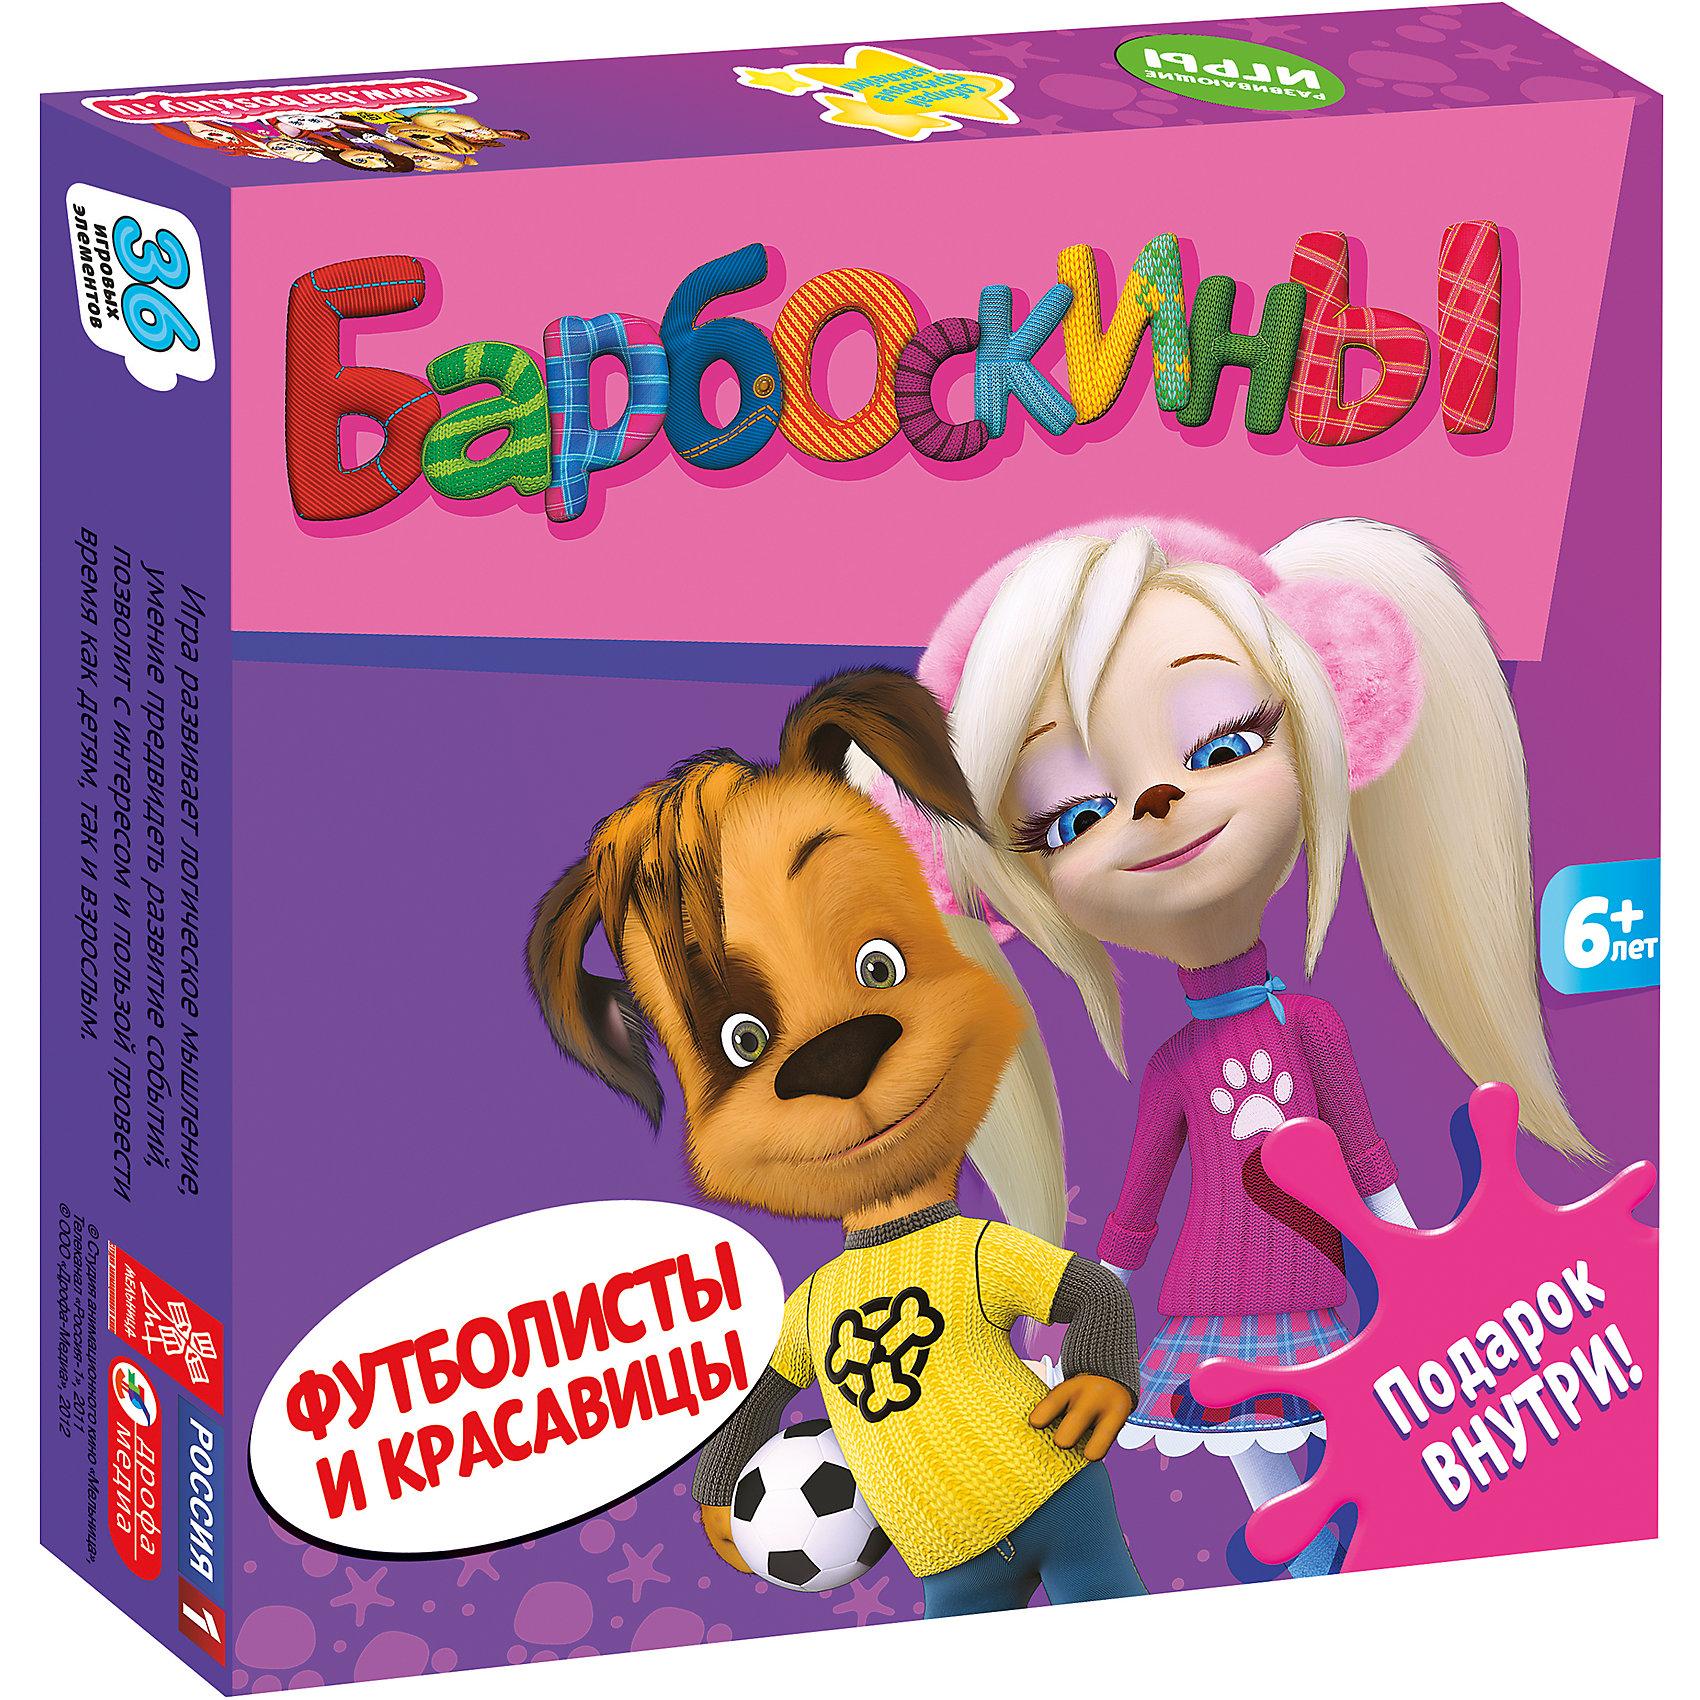 - Игра Футболисты и красавицы, Барбоскины модульная библиотека гарун комплектация 2